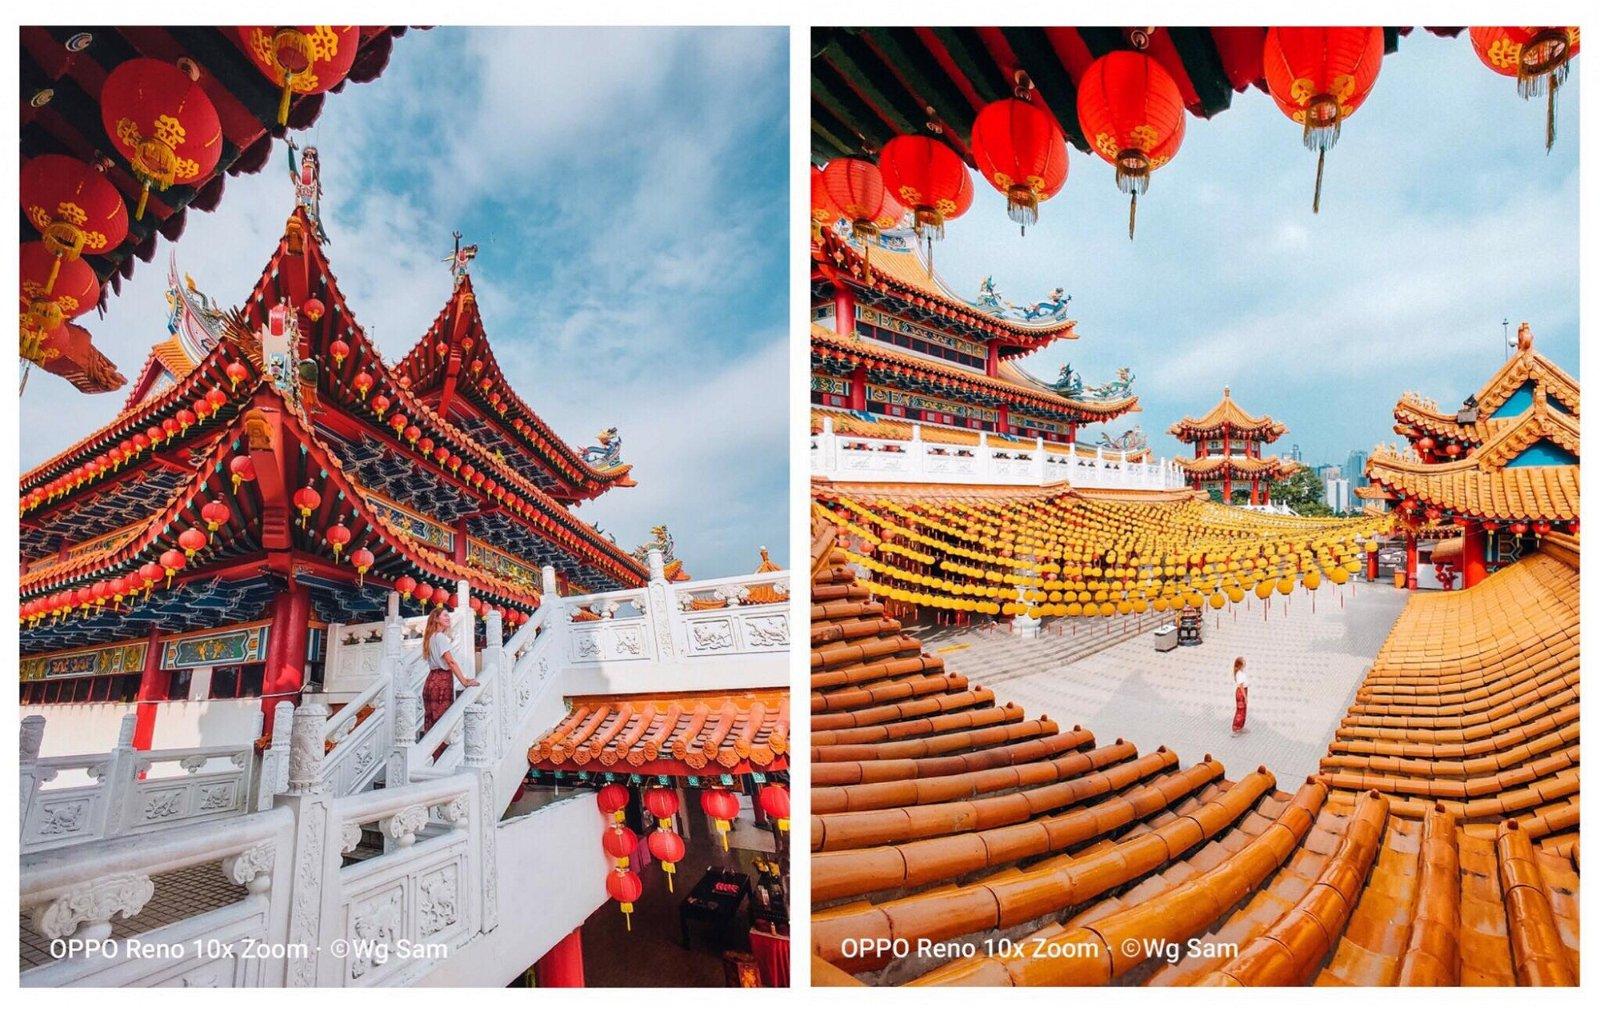 炫彩模式拍出的照片不仅颜色饱满,整个画面的亮点和暗处细节的质感也会有所提升,画面感鲜艳许多。(Credit Wg_ sam)